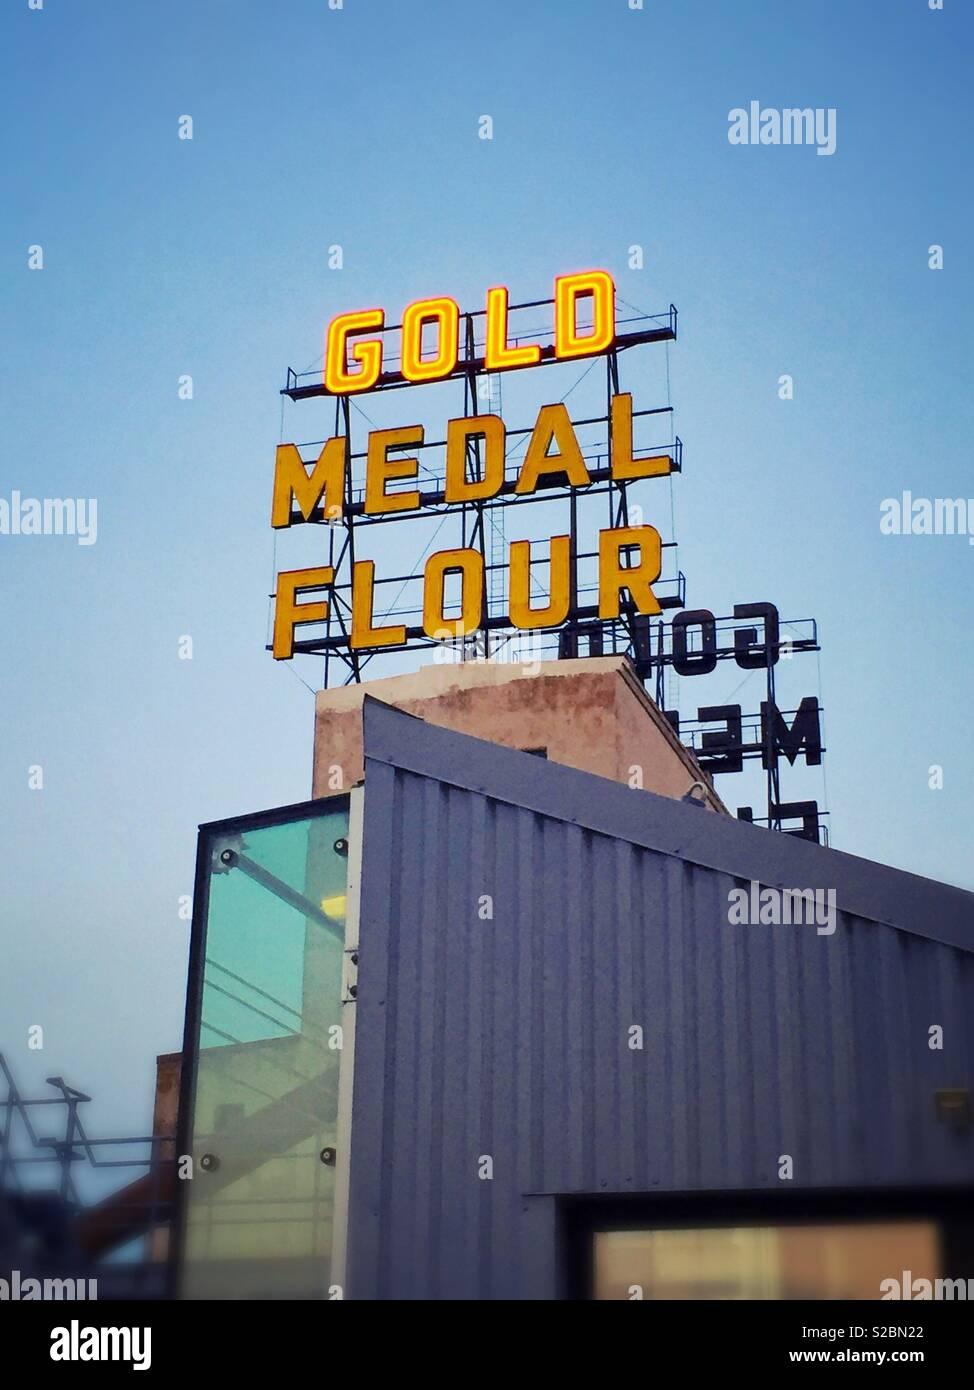 Harina de medalla de oro Imagen De Stock